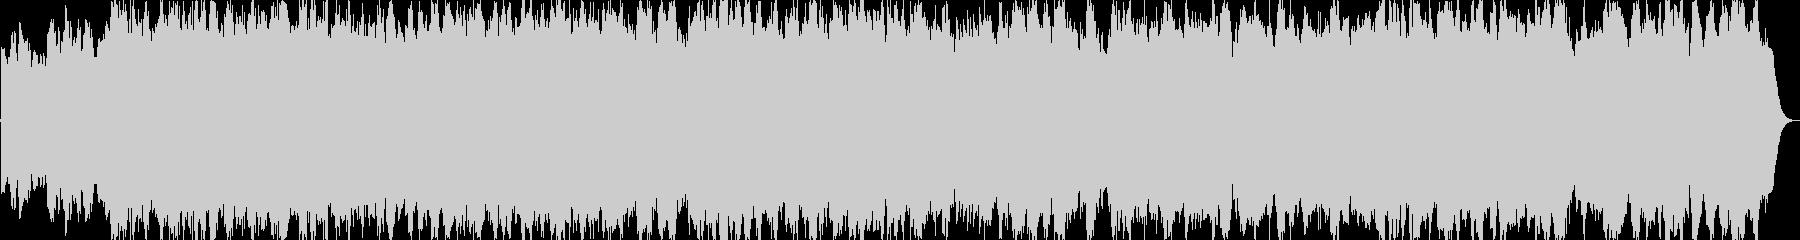 パイプオルガンの壮大な4声のオリジナル曲の未再生の波形